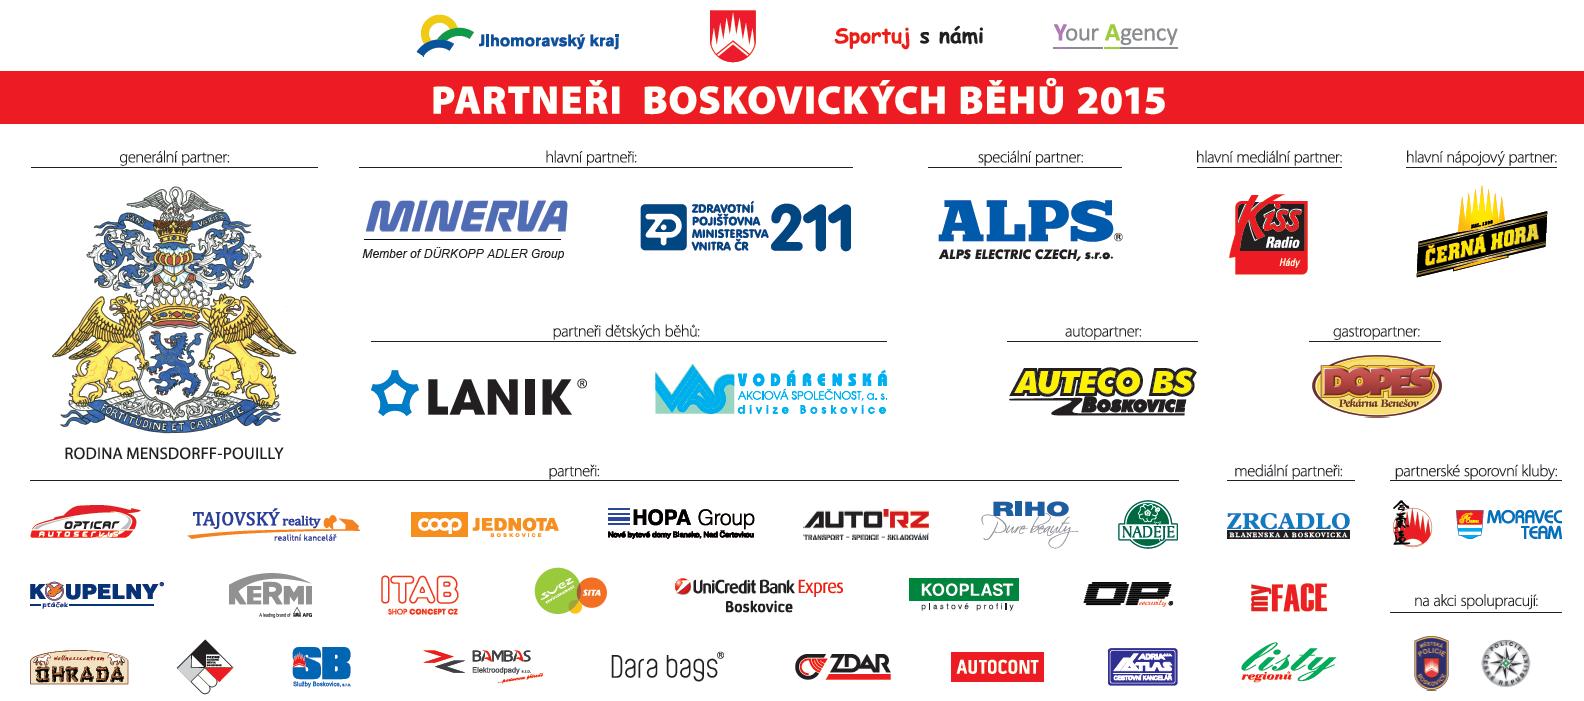 Partneři Boskovických běhů 2015